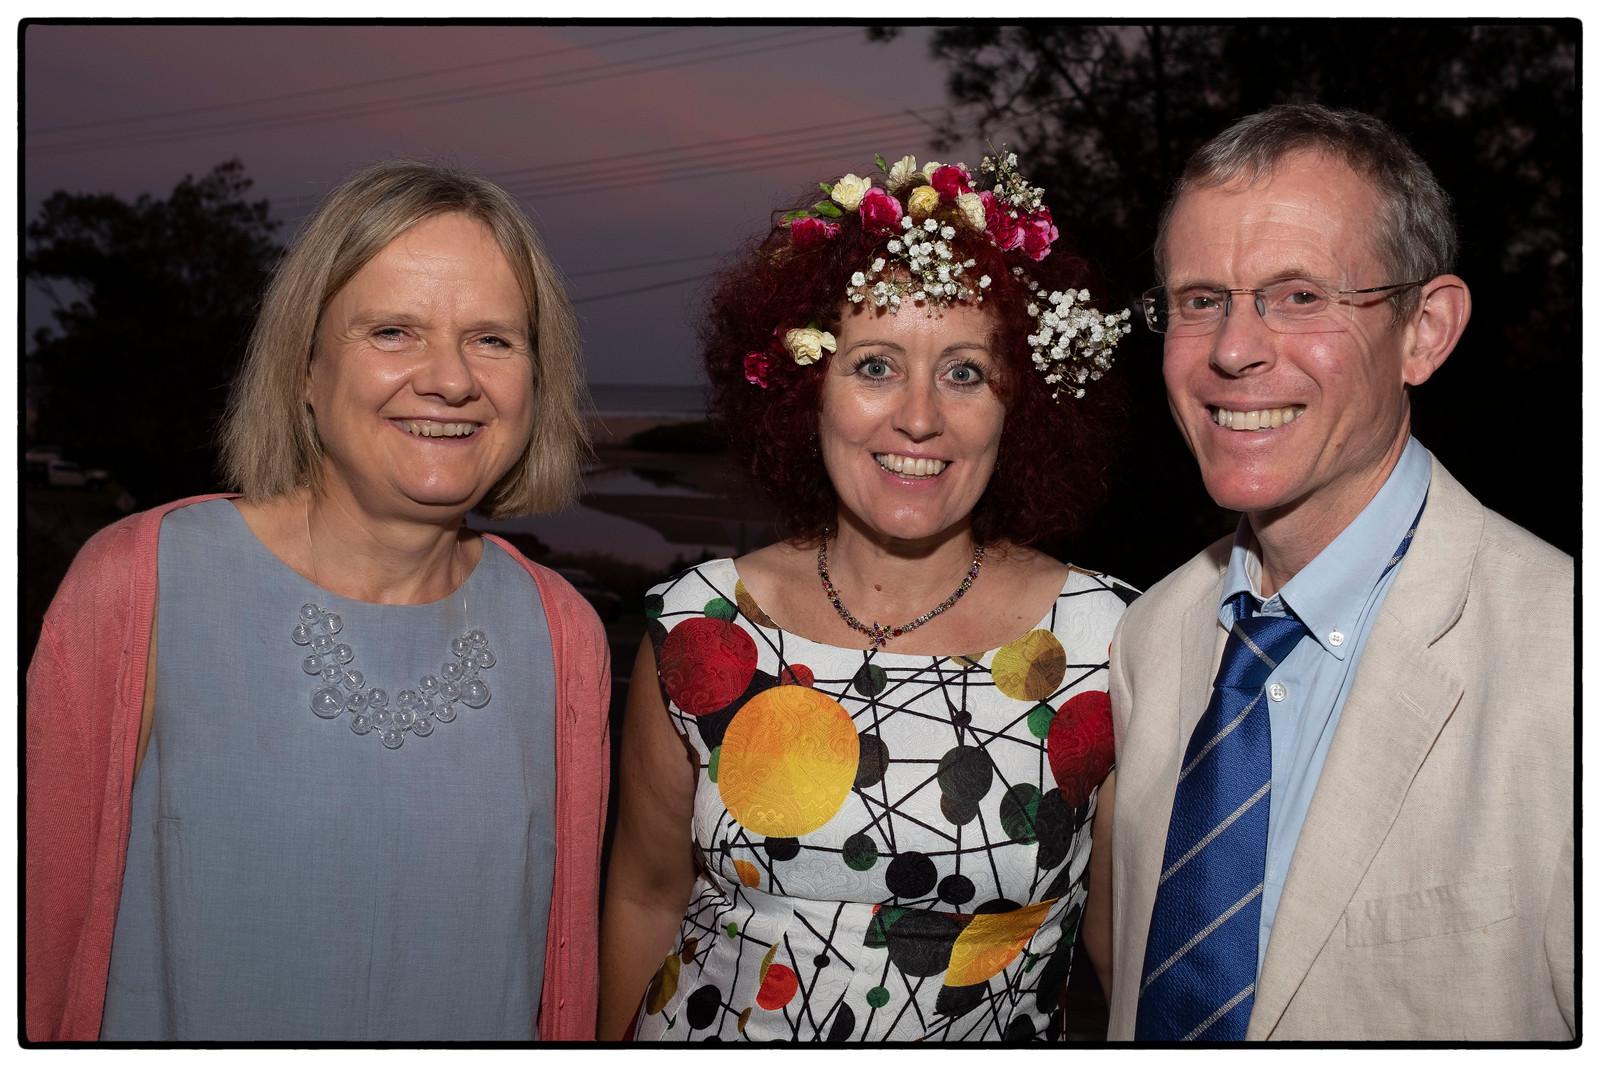 Wendy, Karen and Hal